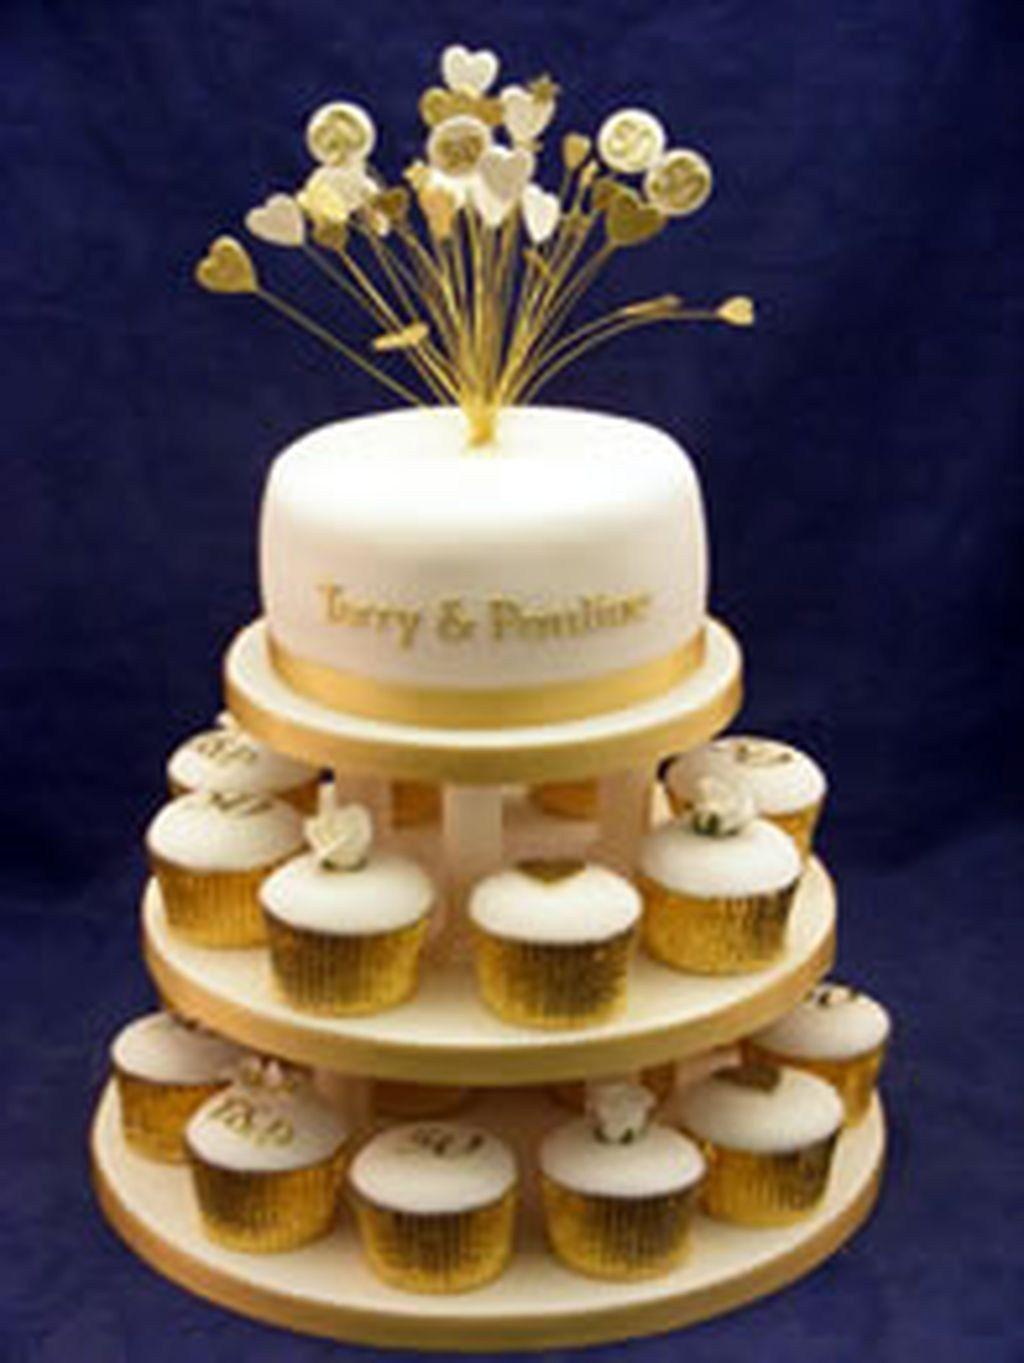 50th Wedding Anniversary Cupcake Ideas Cakepins Com 50th Wedding